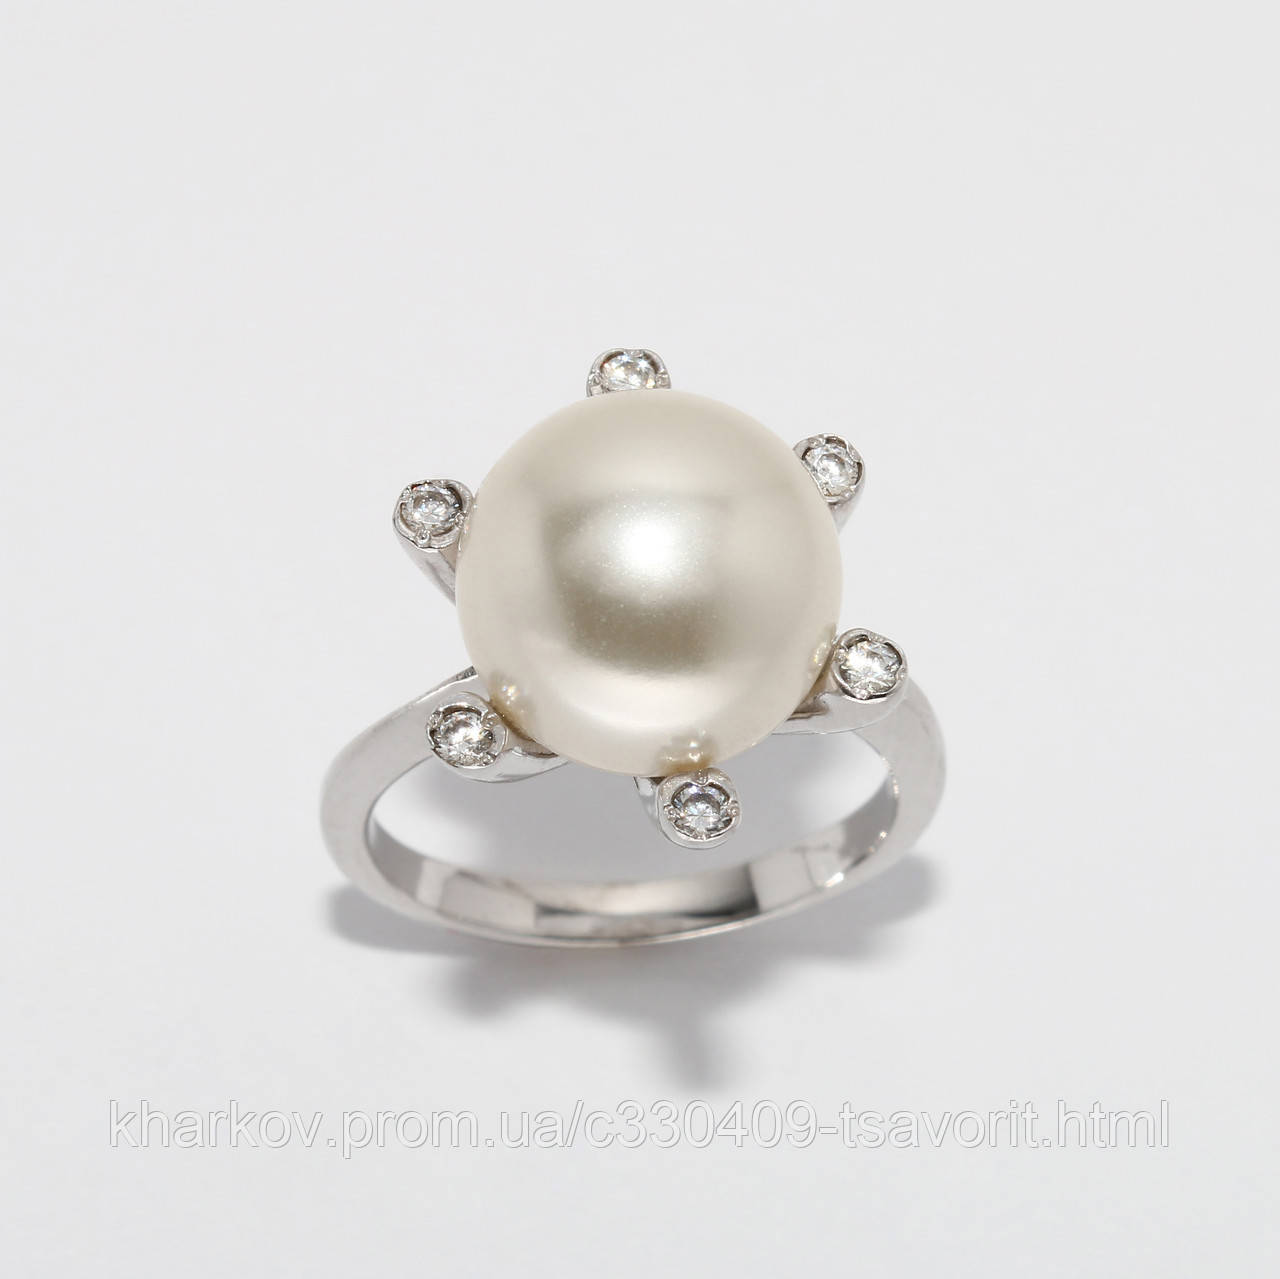 Серебряное кольцо 182КЮ